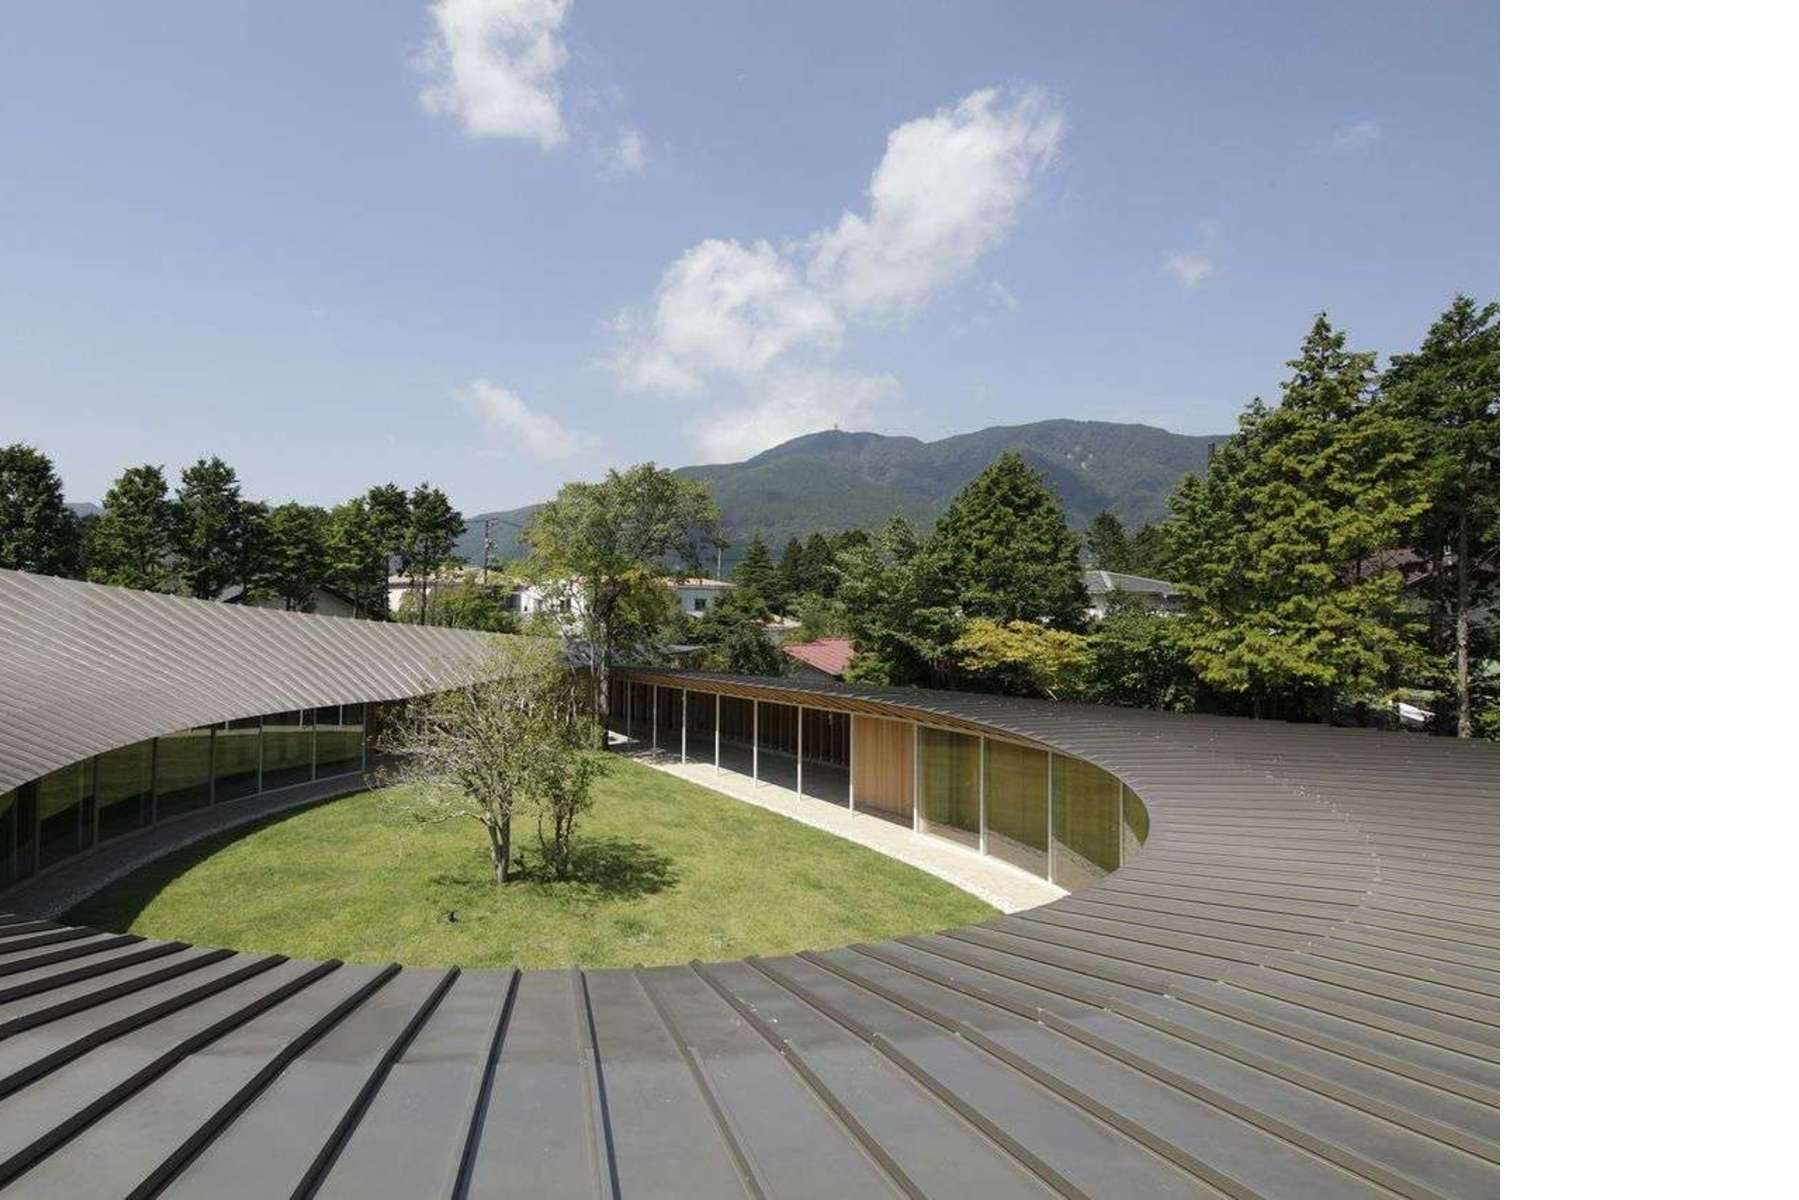 Sehenswuerdigkeiten in Japan: die Haeuser in der Stadt | Floornature